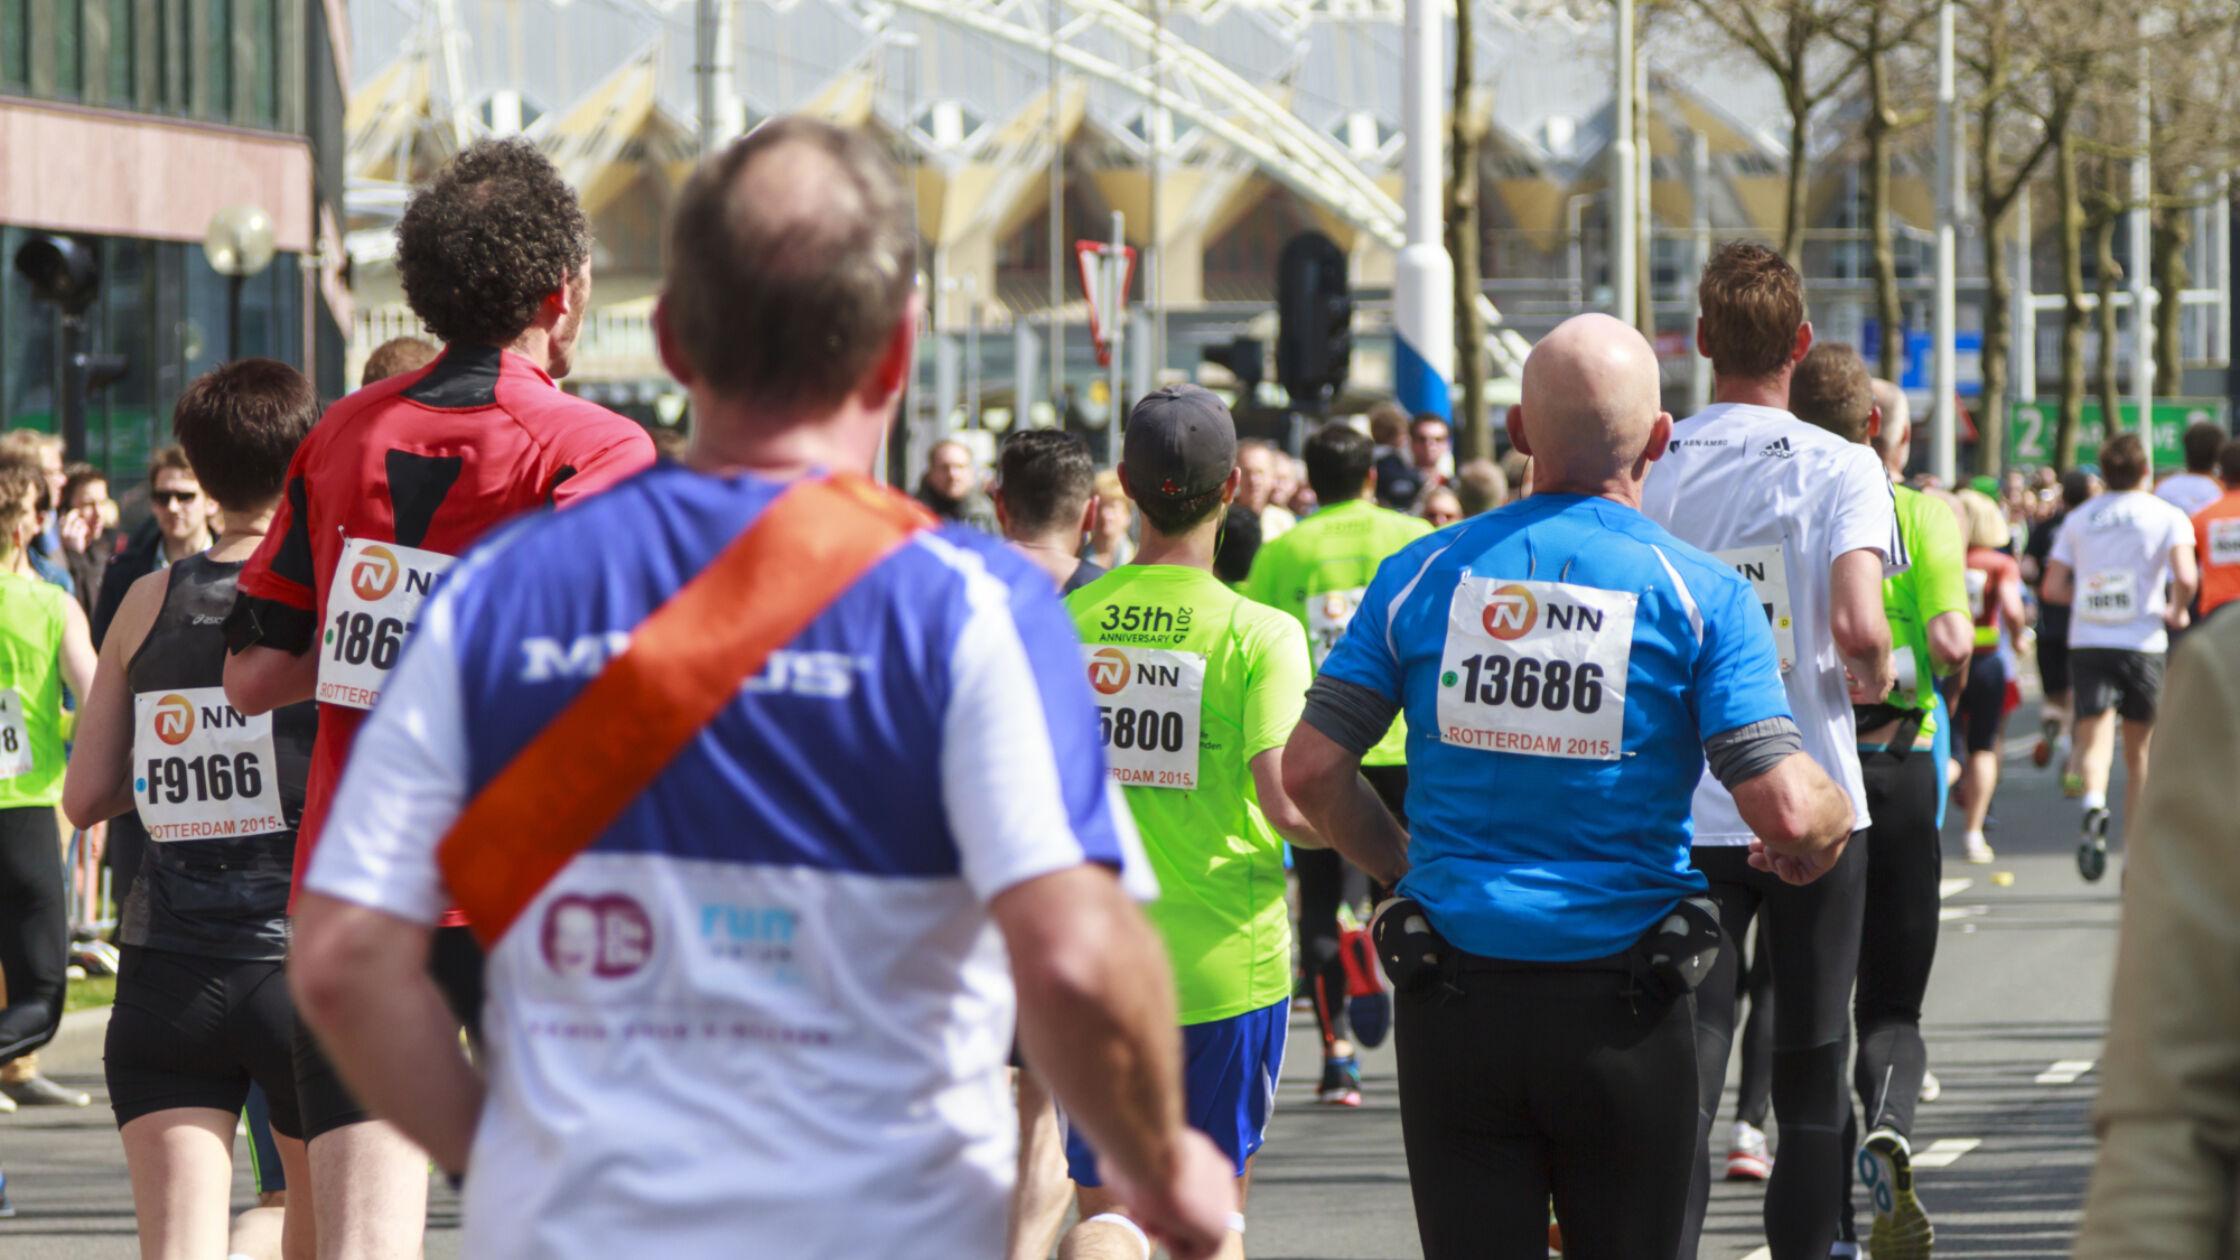 Korte marathontraining gezonder en effectiever: feit of nonsens?